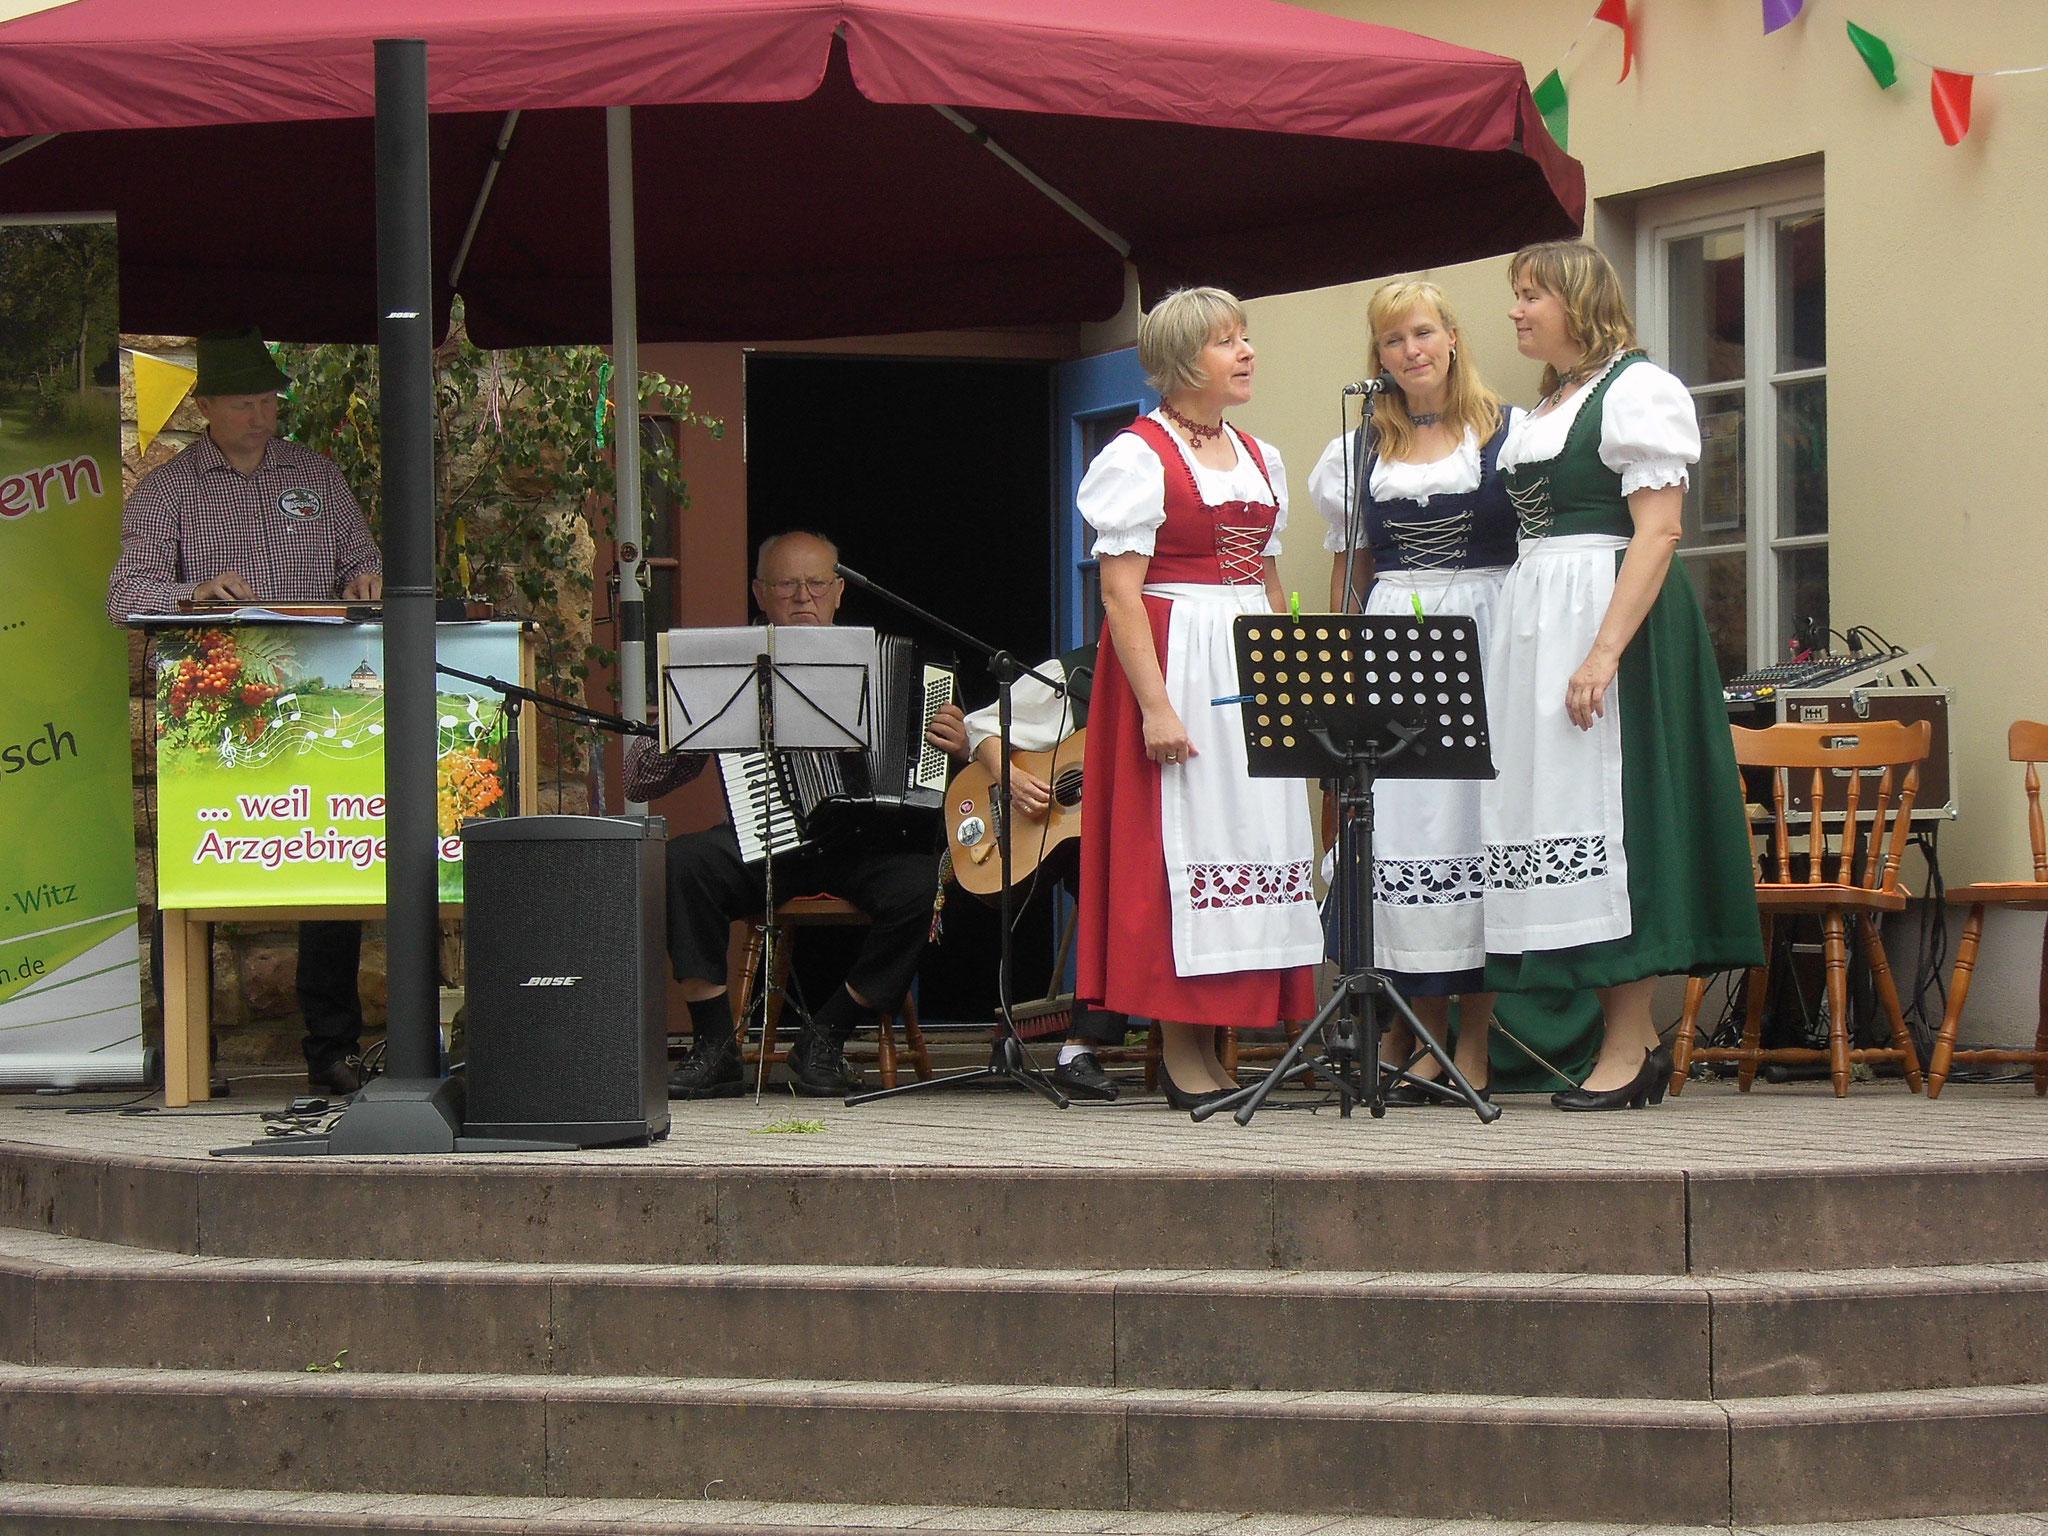 Kleinbahnfest in Kipsdorf/Altenberg